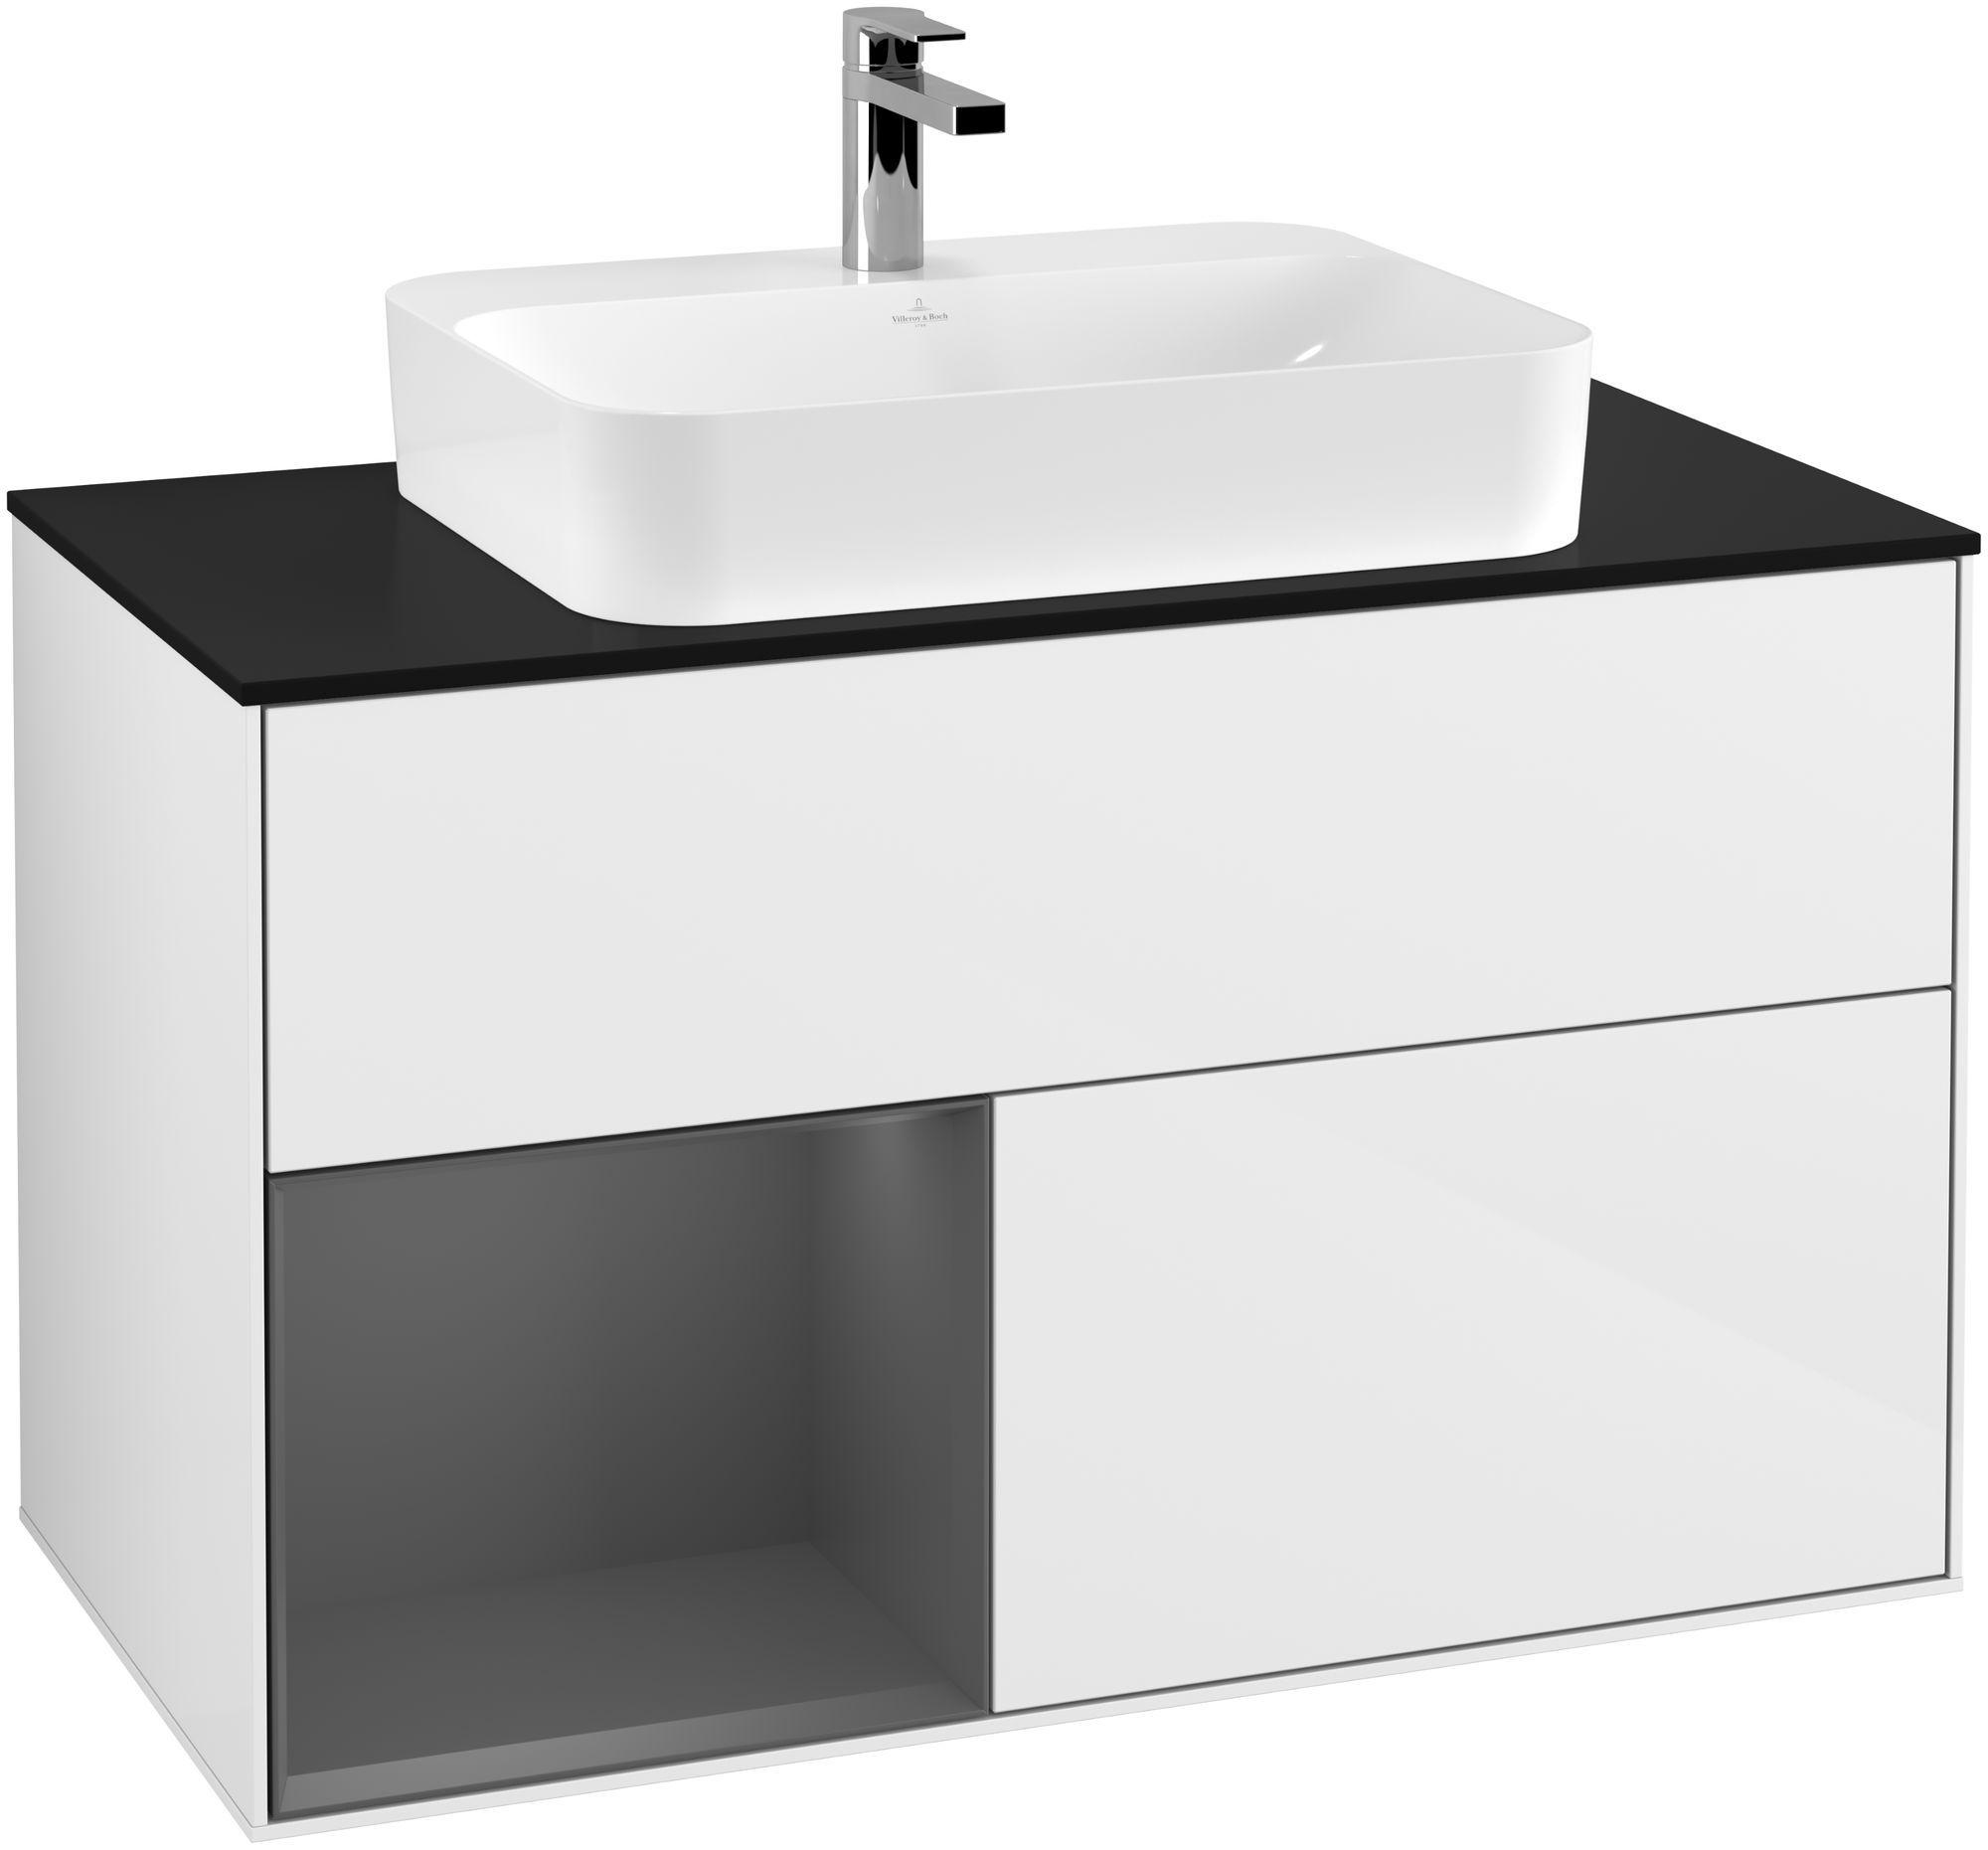 Villeroy & Boch Finion F36 Waschtischunterschrank mit Regalelement 2 Auszüge für WT mittig LED-Beleuchtung B:100xH:60,3xT:50,1cm Front, Korpus: Glossy White Lack, Regal: Anthracite Matt, Glasplatte: Black Matt F362GKGF